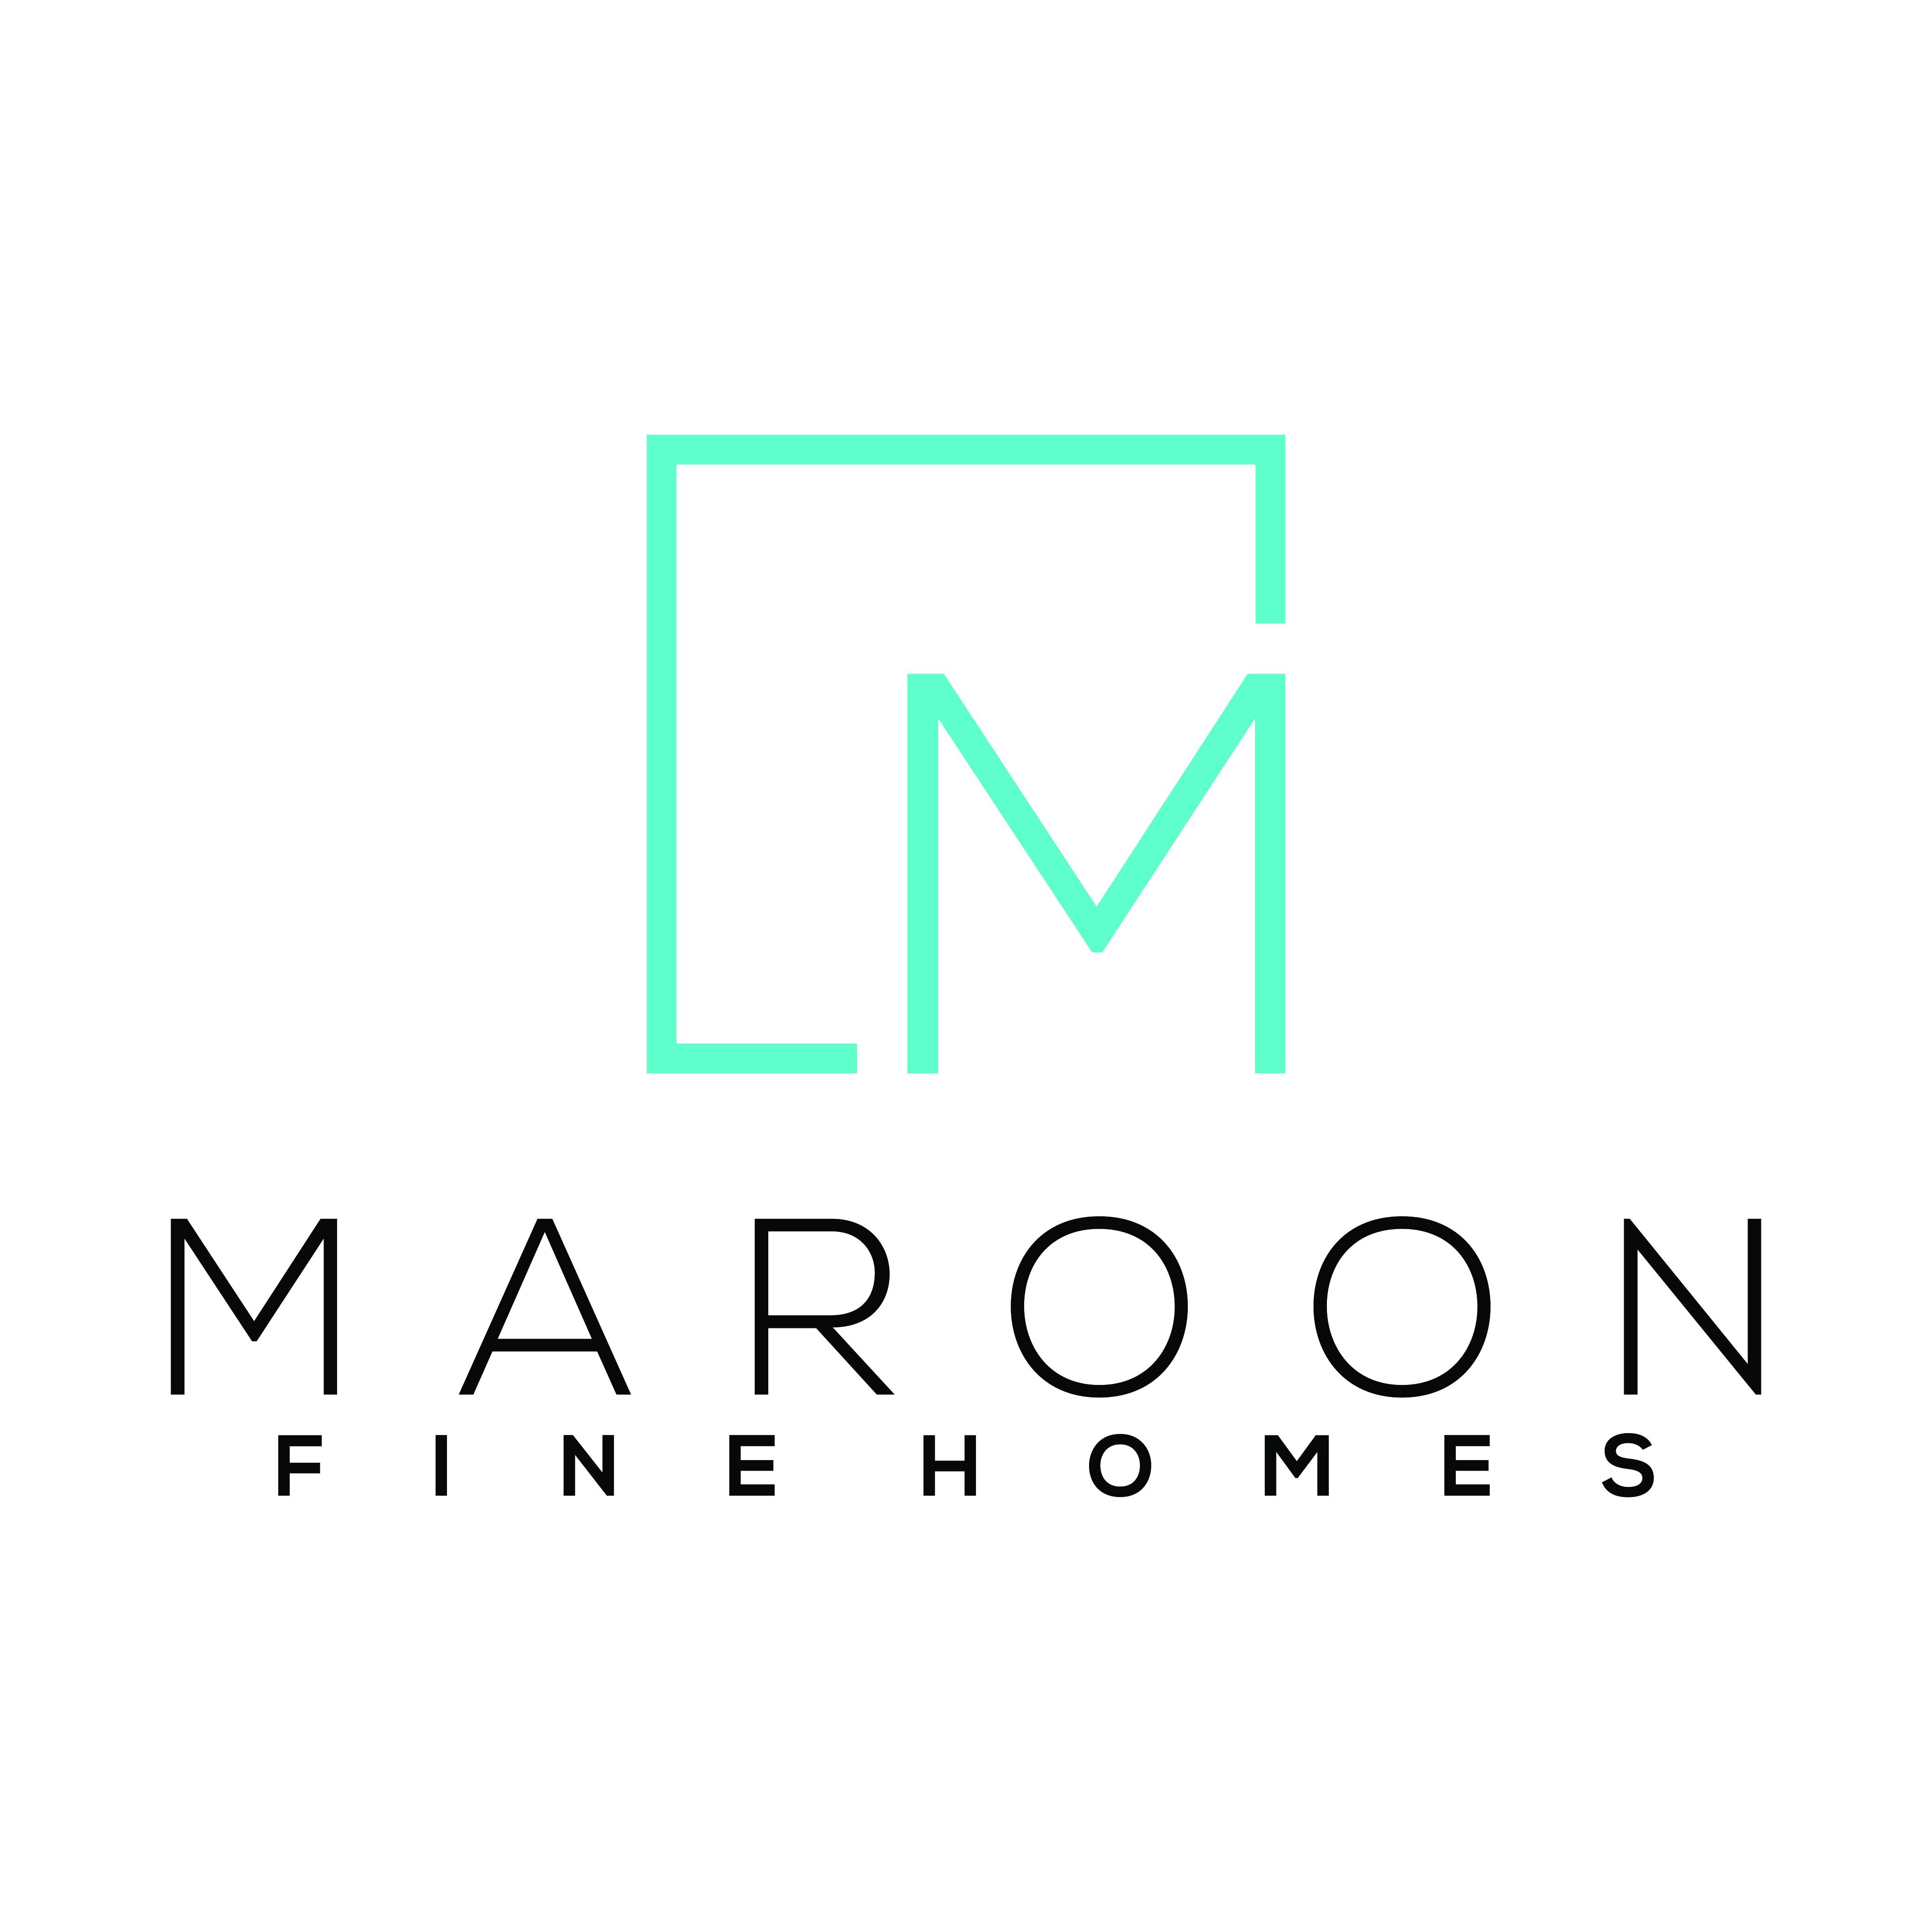 Custom Architectural Design/Build Company Logo